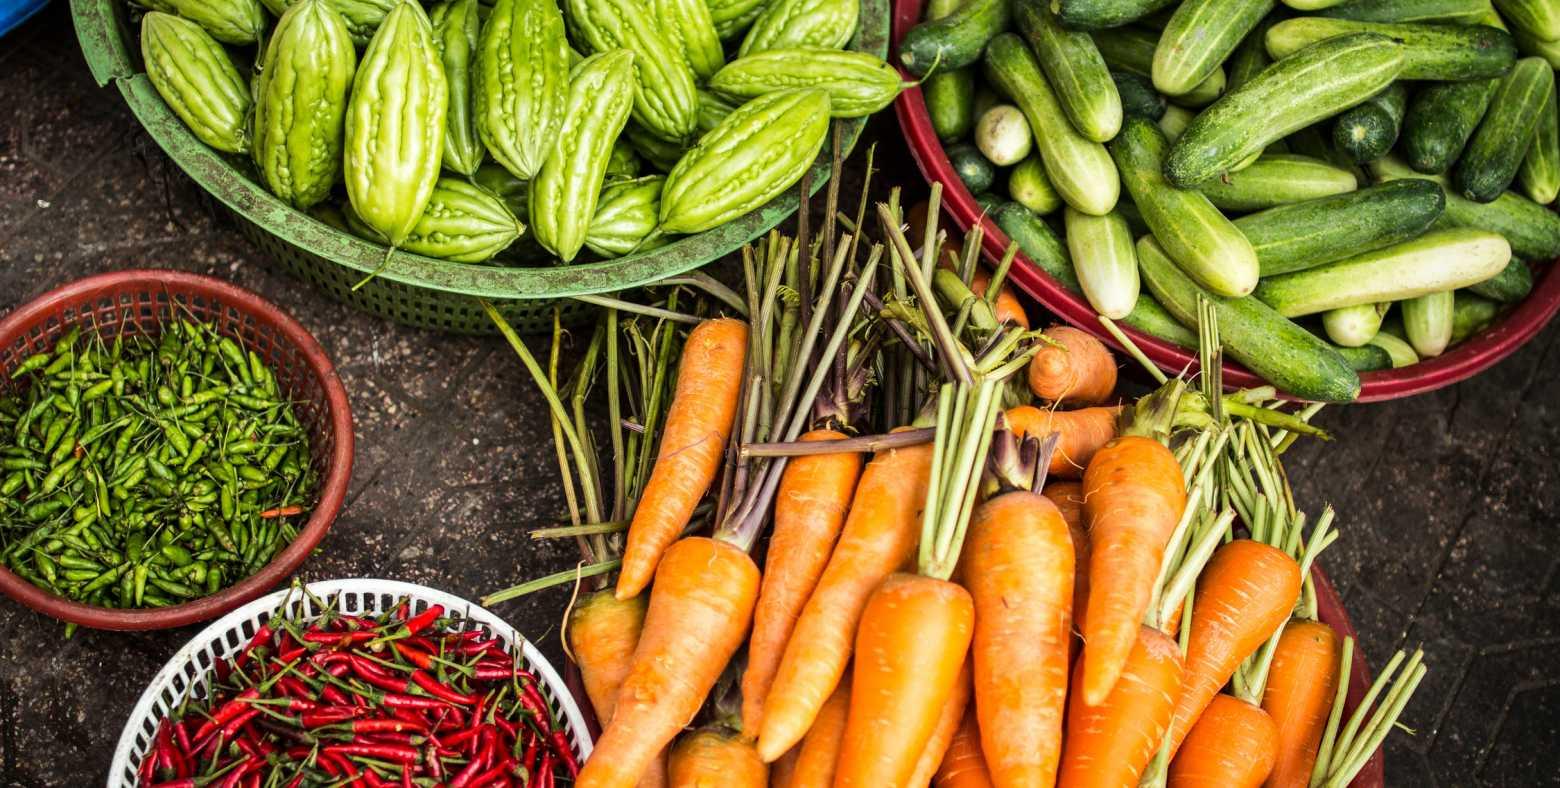 bowls of vegetables